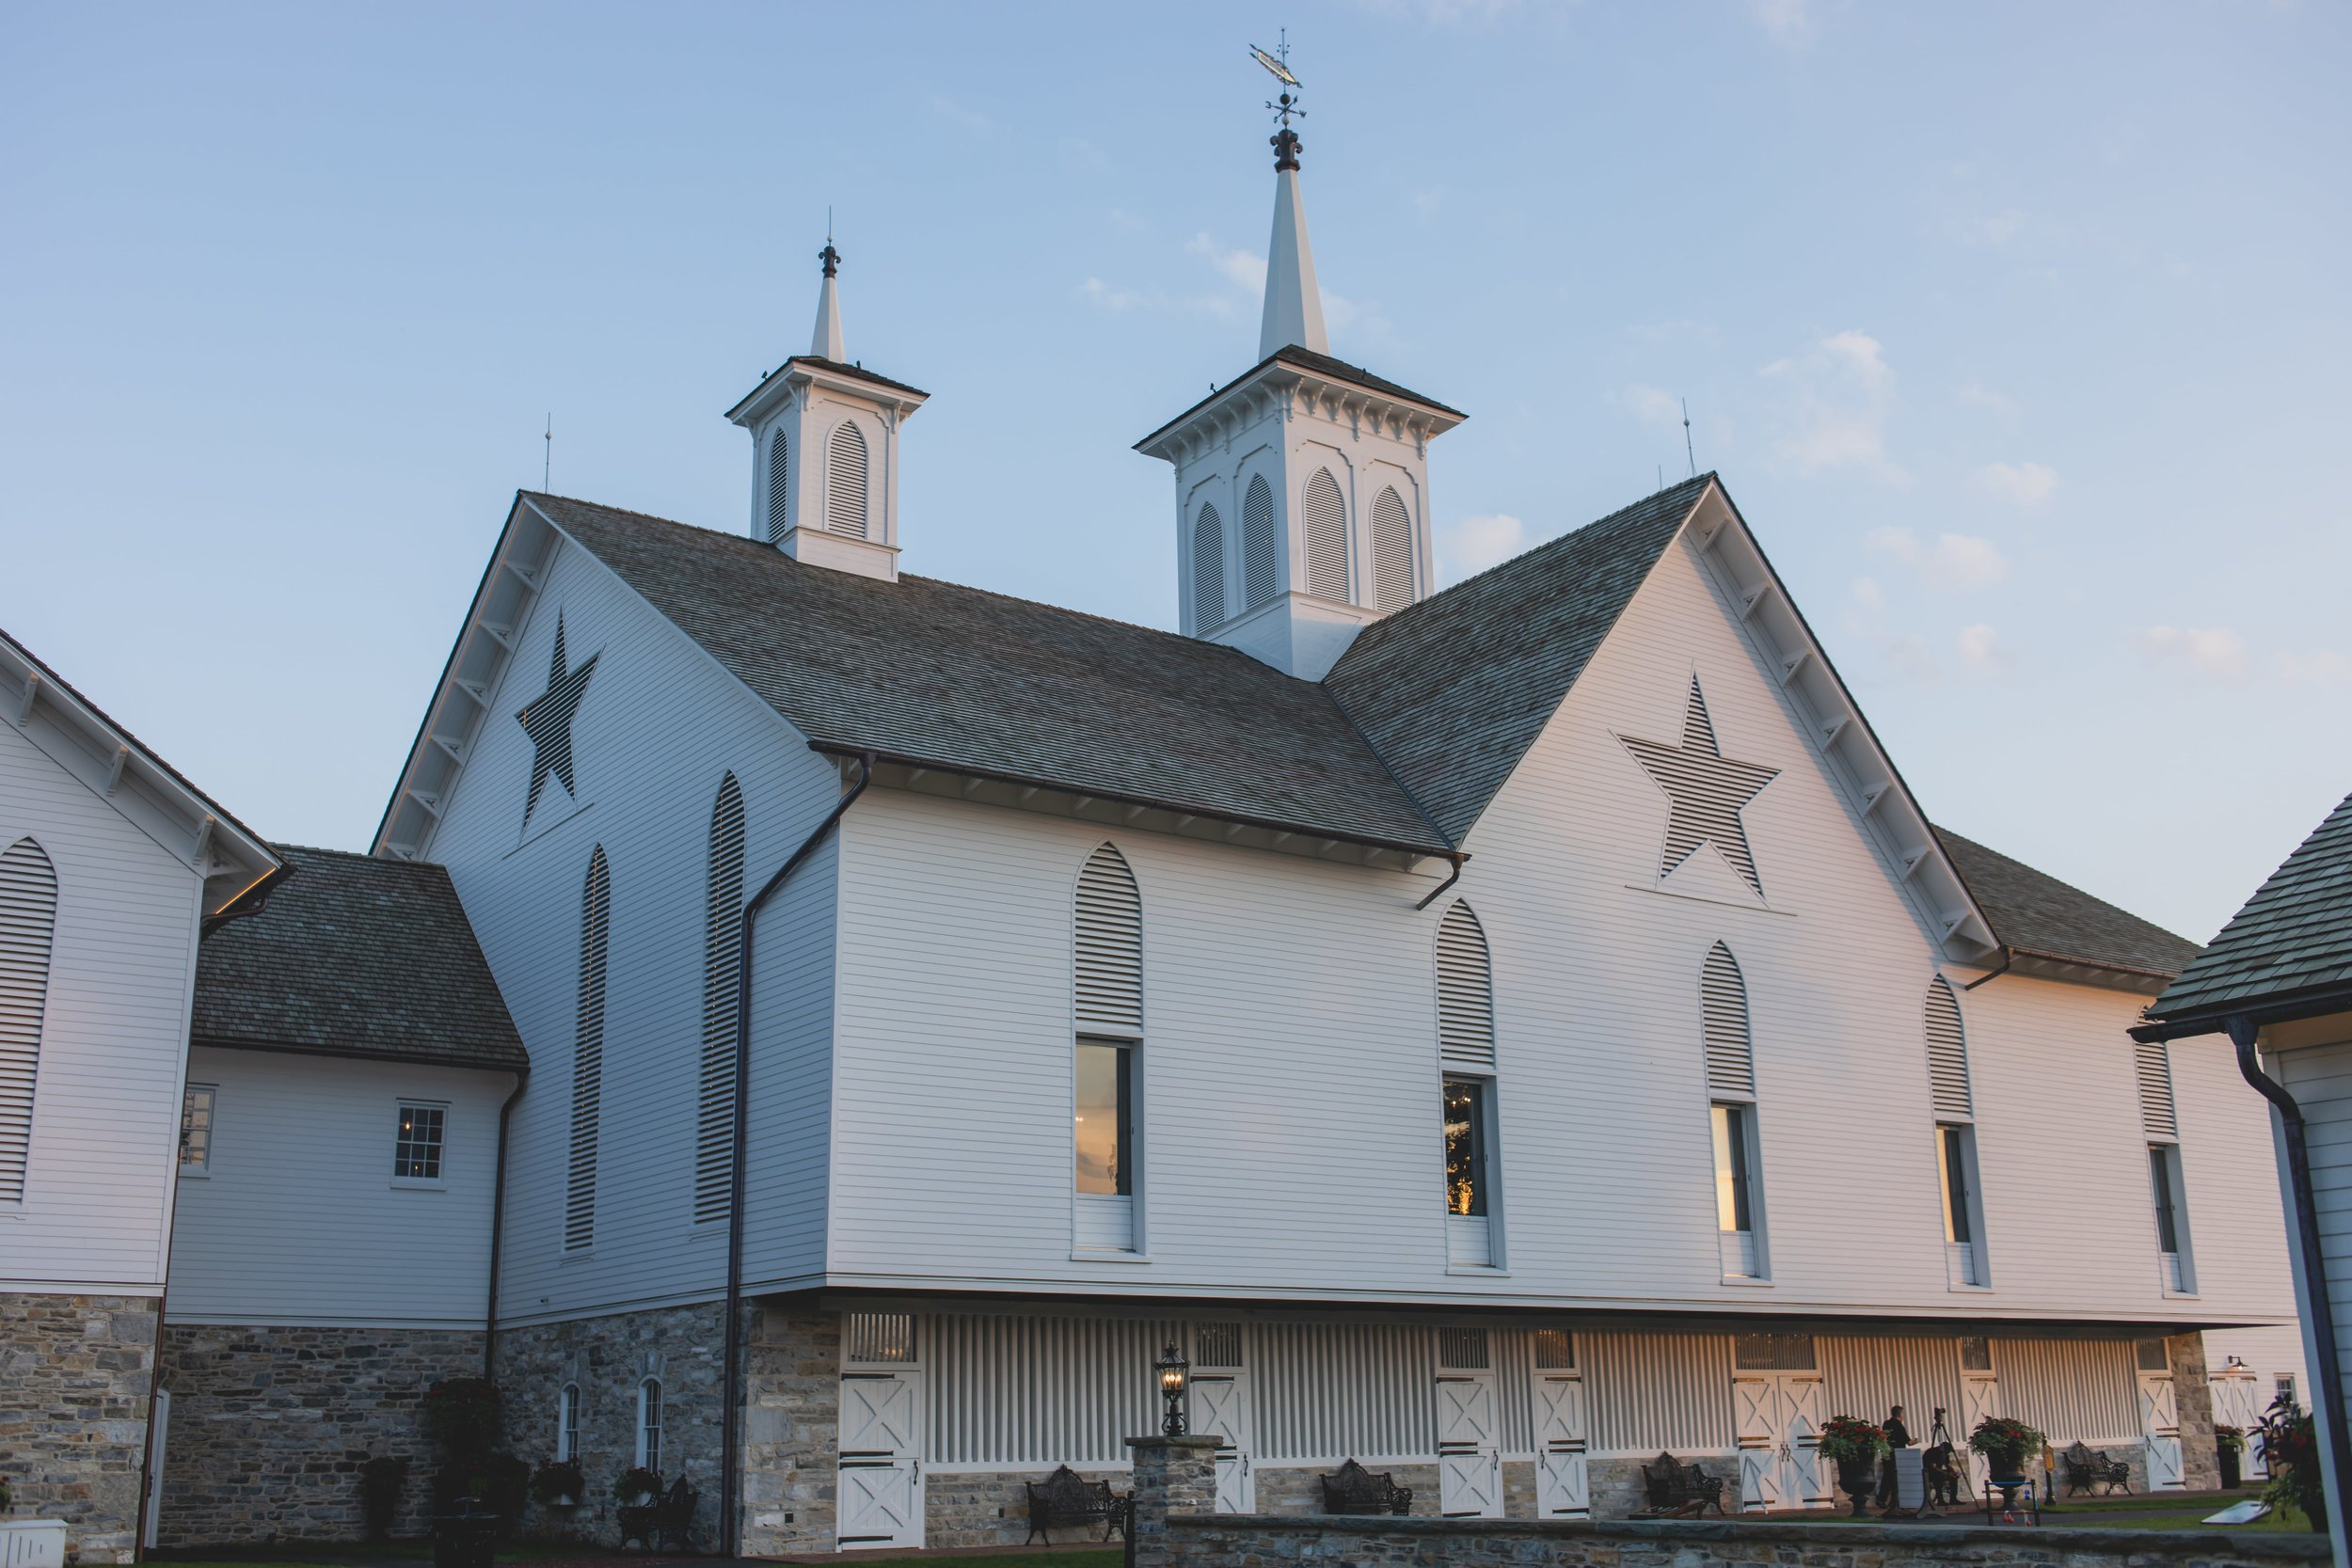 The star barn in Elizabethtown, PA